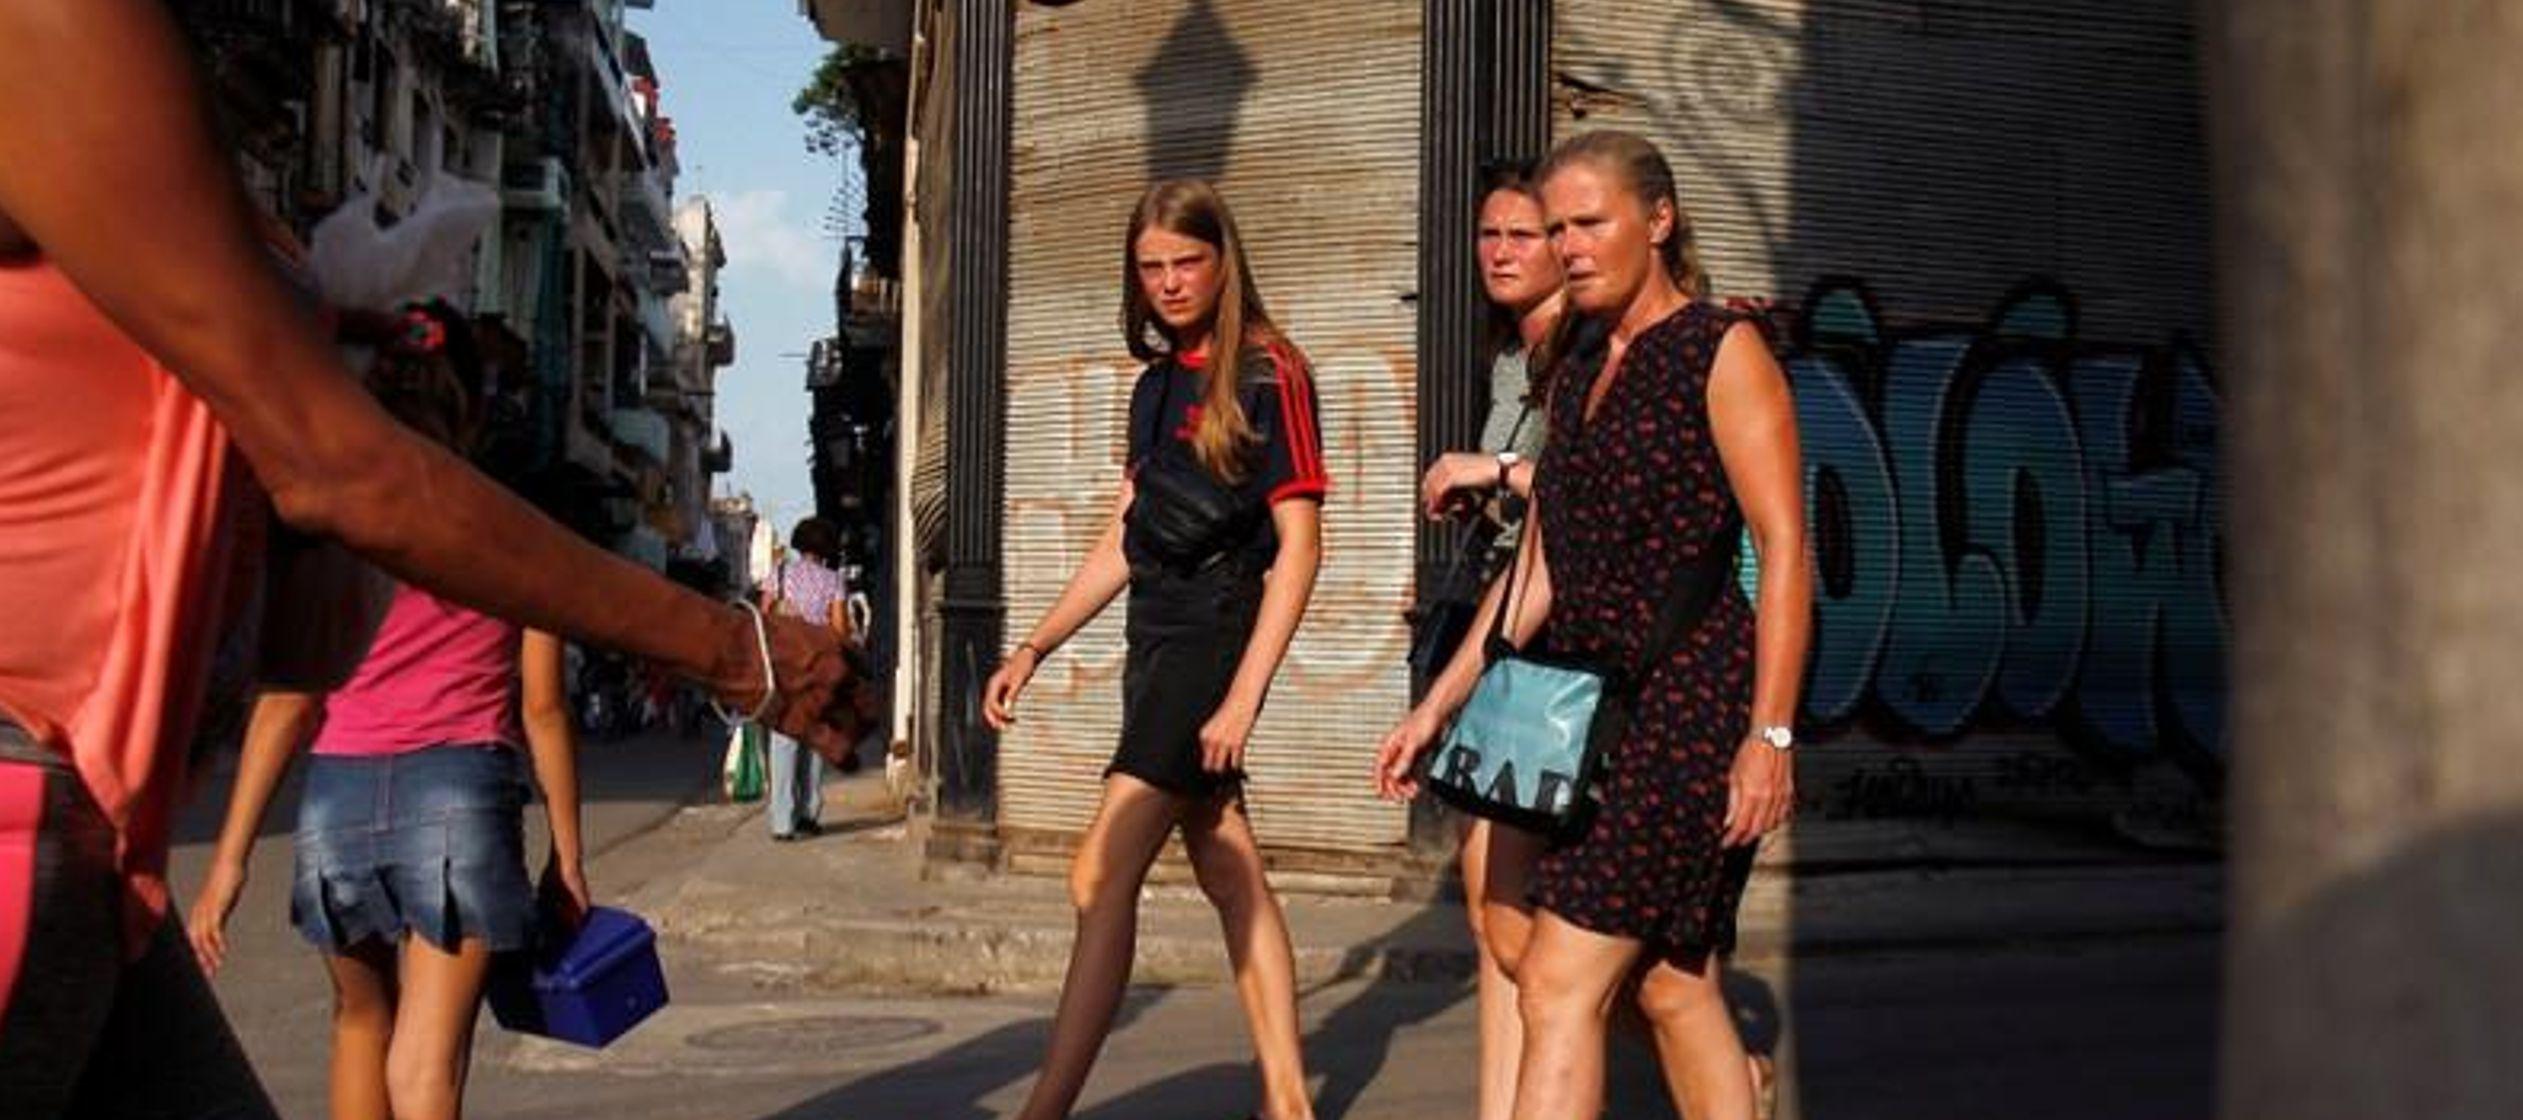 La caída en ingresos del turismo es lamentable para el Gobierno cubano, que está...